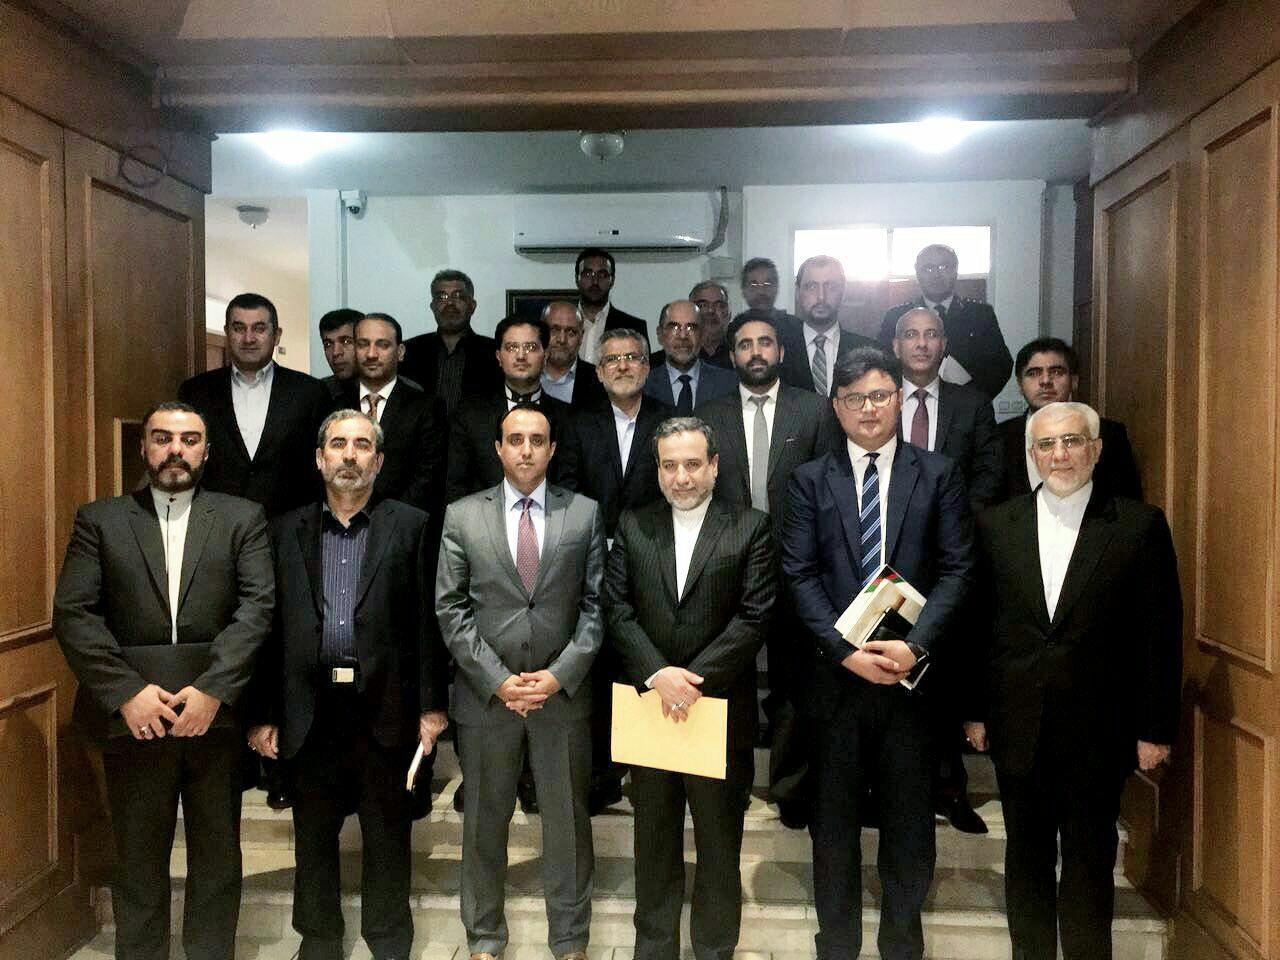 سومین نشست کمیته همکاریهای دفاعی- امنیتی جمهوری اسلامی ایران و افغانستان برگزار شد